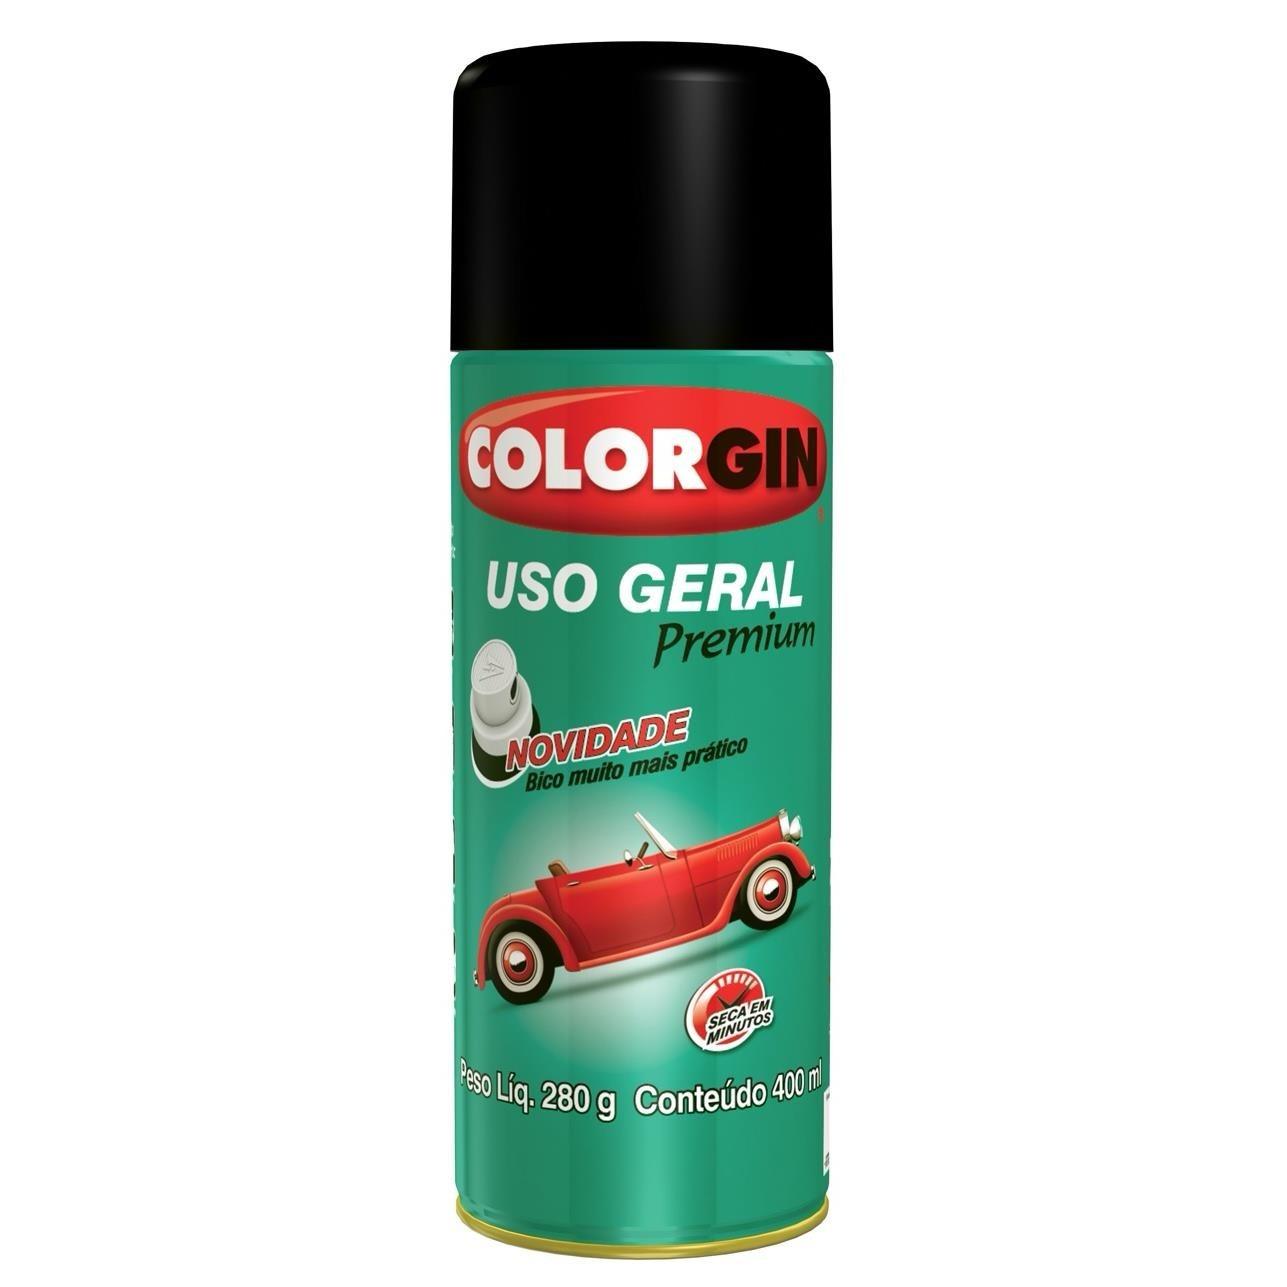 Tinta Spray Metalico Uso geral Interno e Externo - 280ml - Colorgin